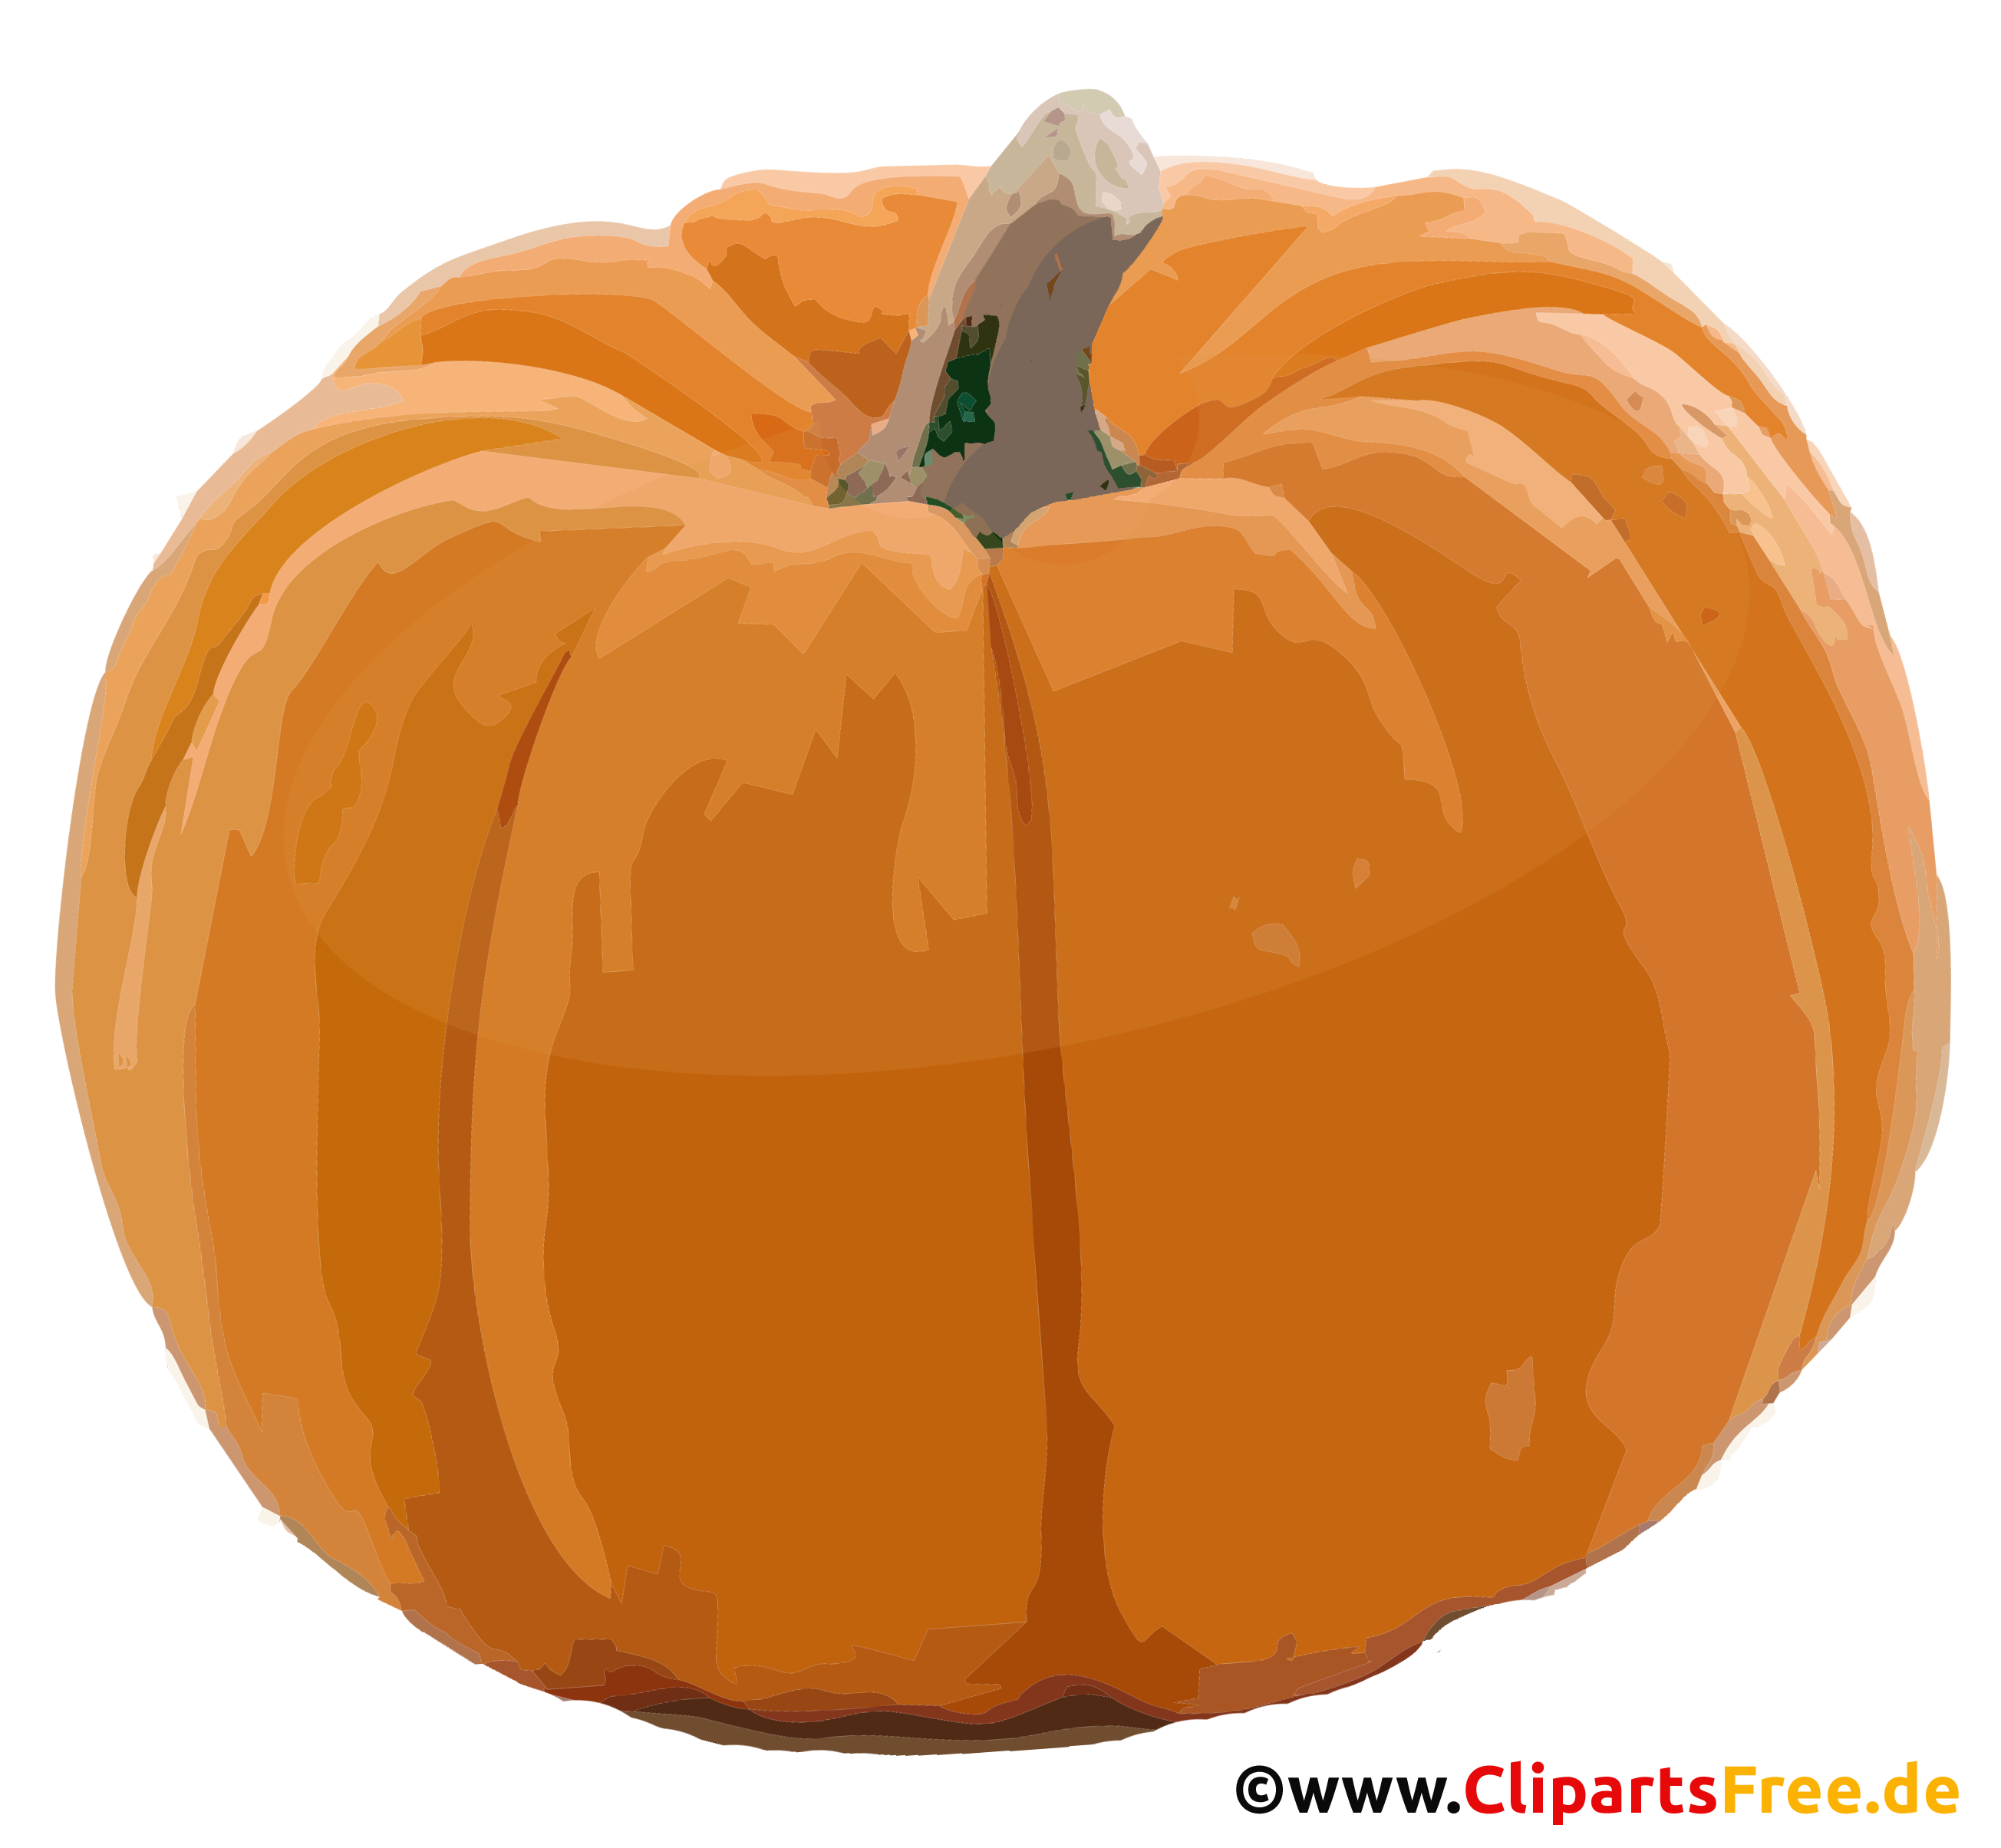 Kürbis Clipart - Herbst Bilder kostenlos